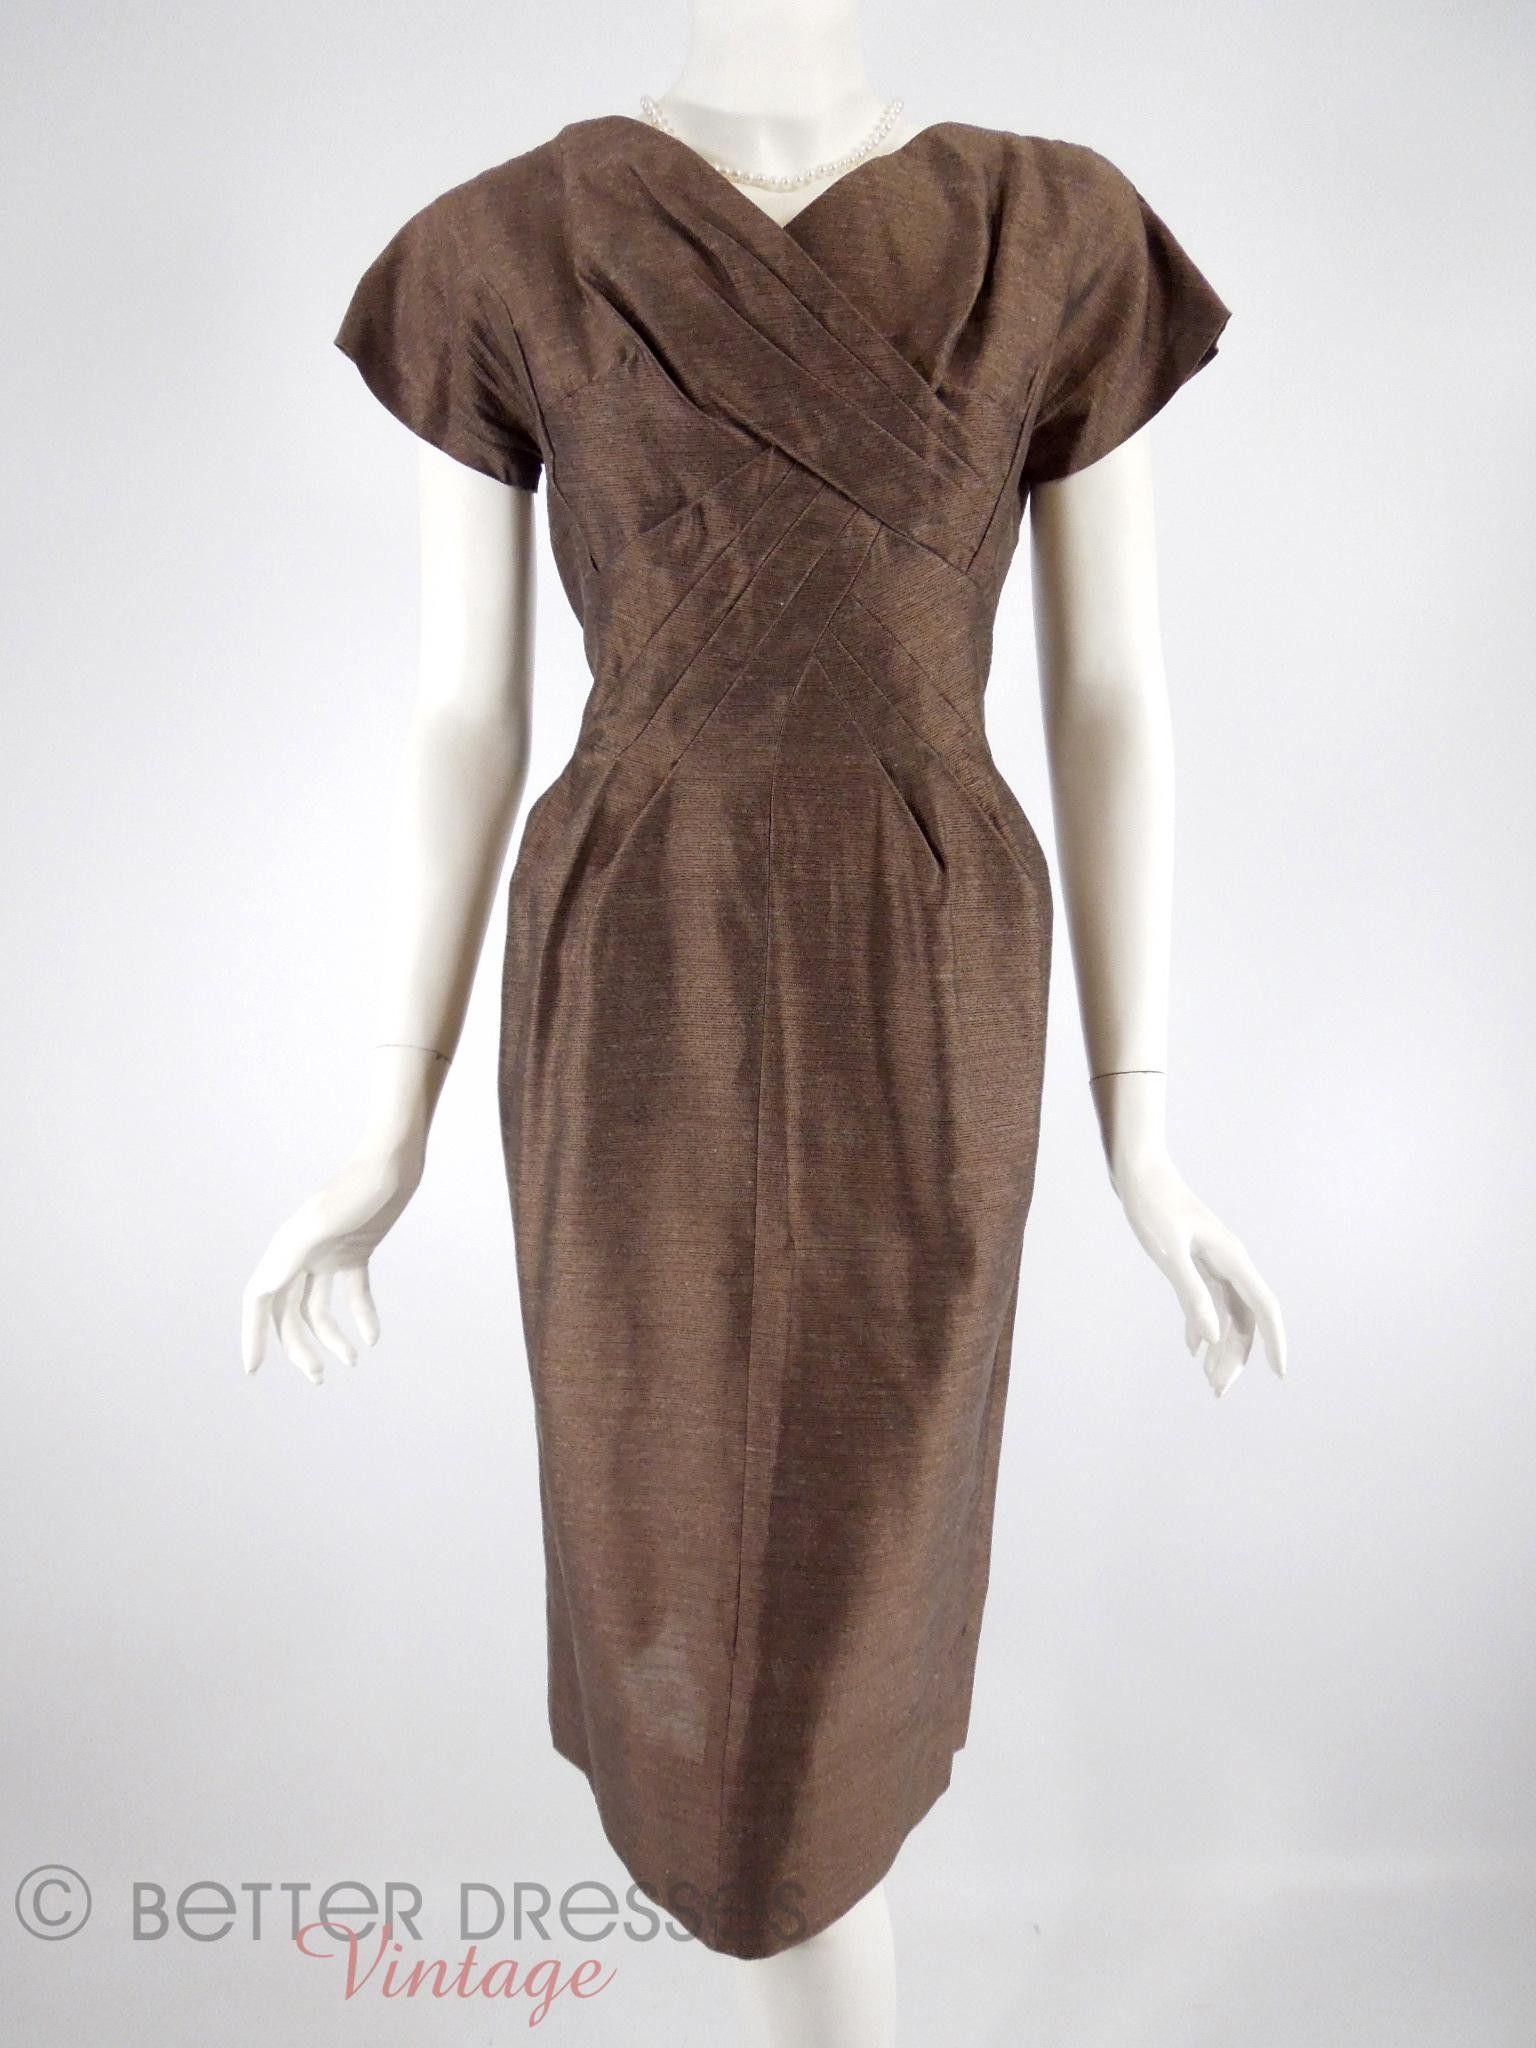 S brown cocktail dress med s vintage dresses and brown